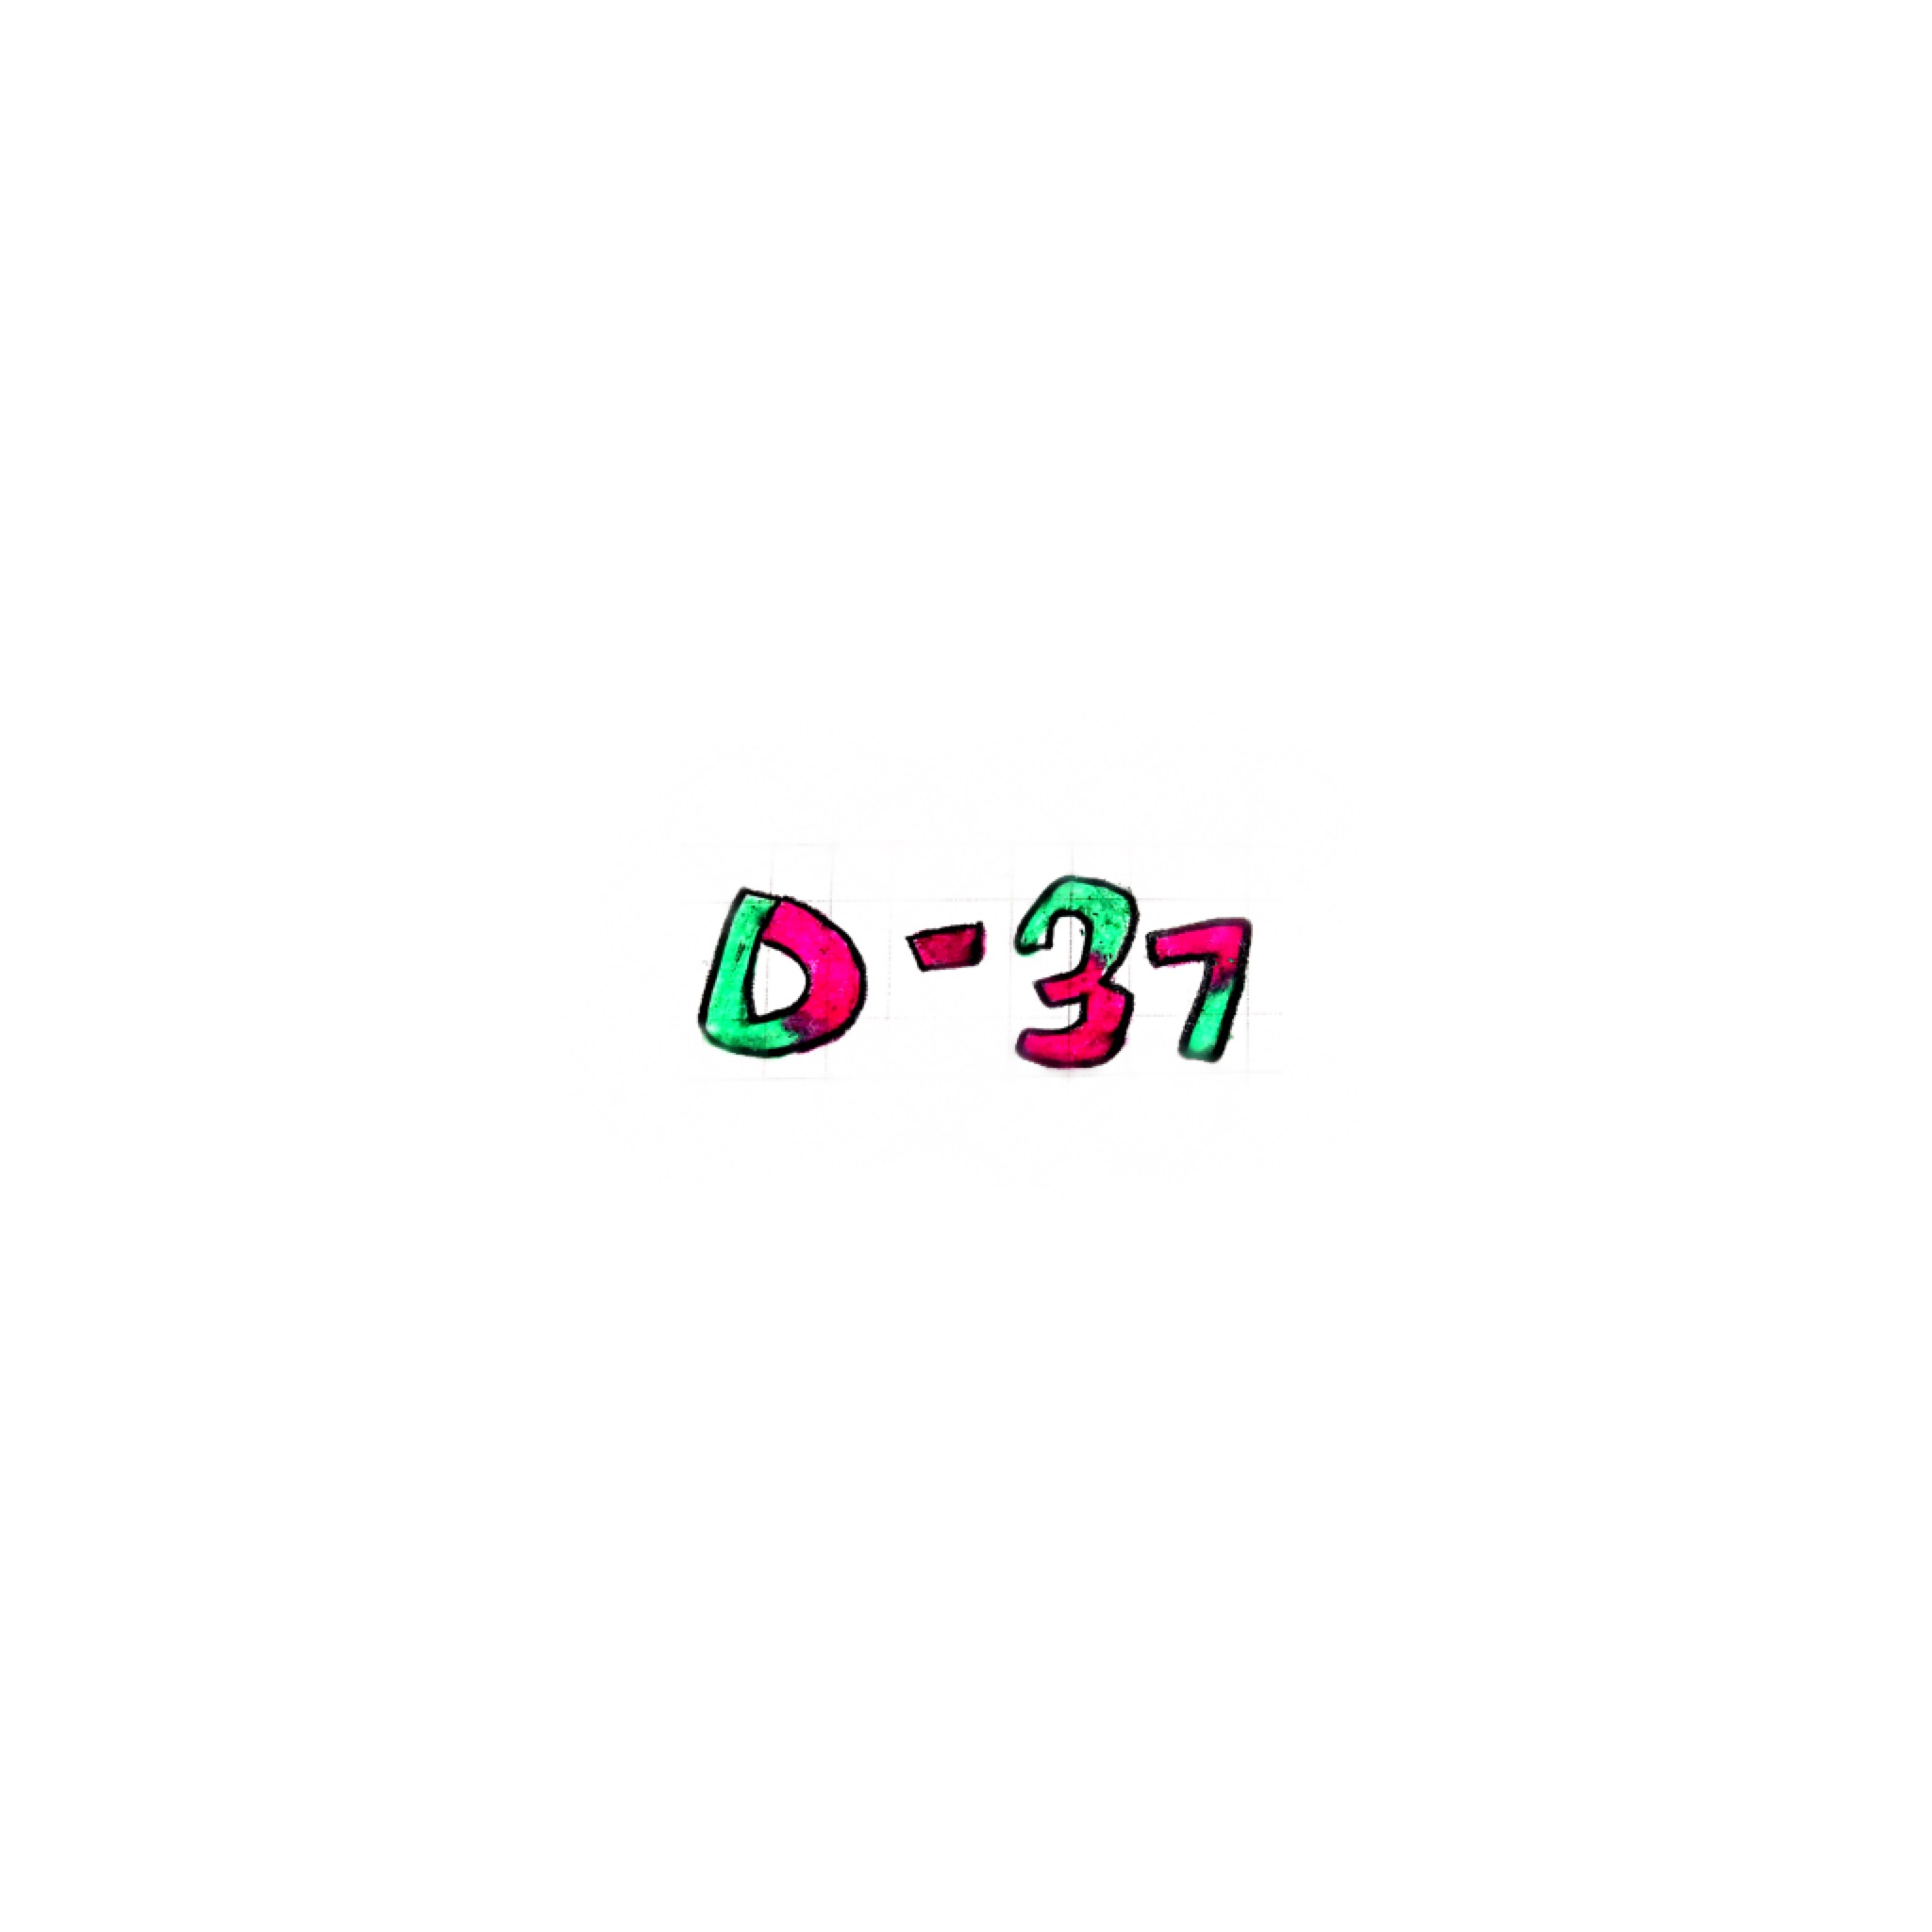 프로야구 개막까지 - D-37